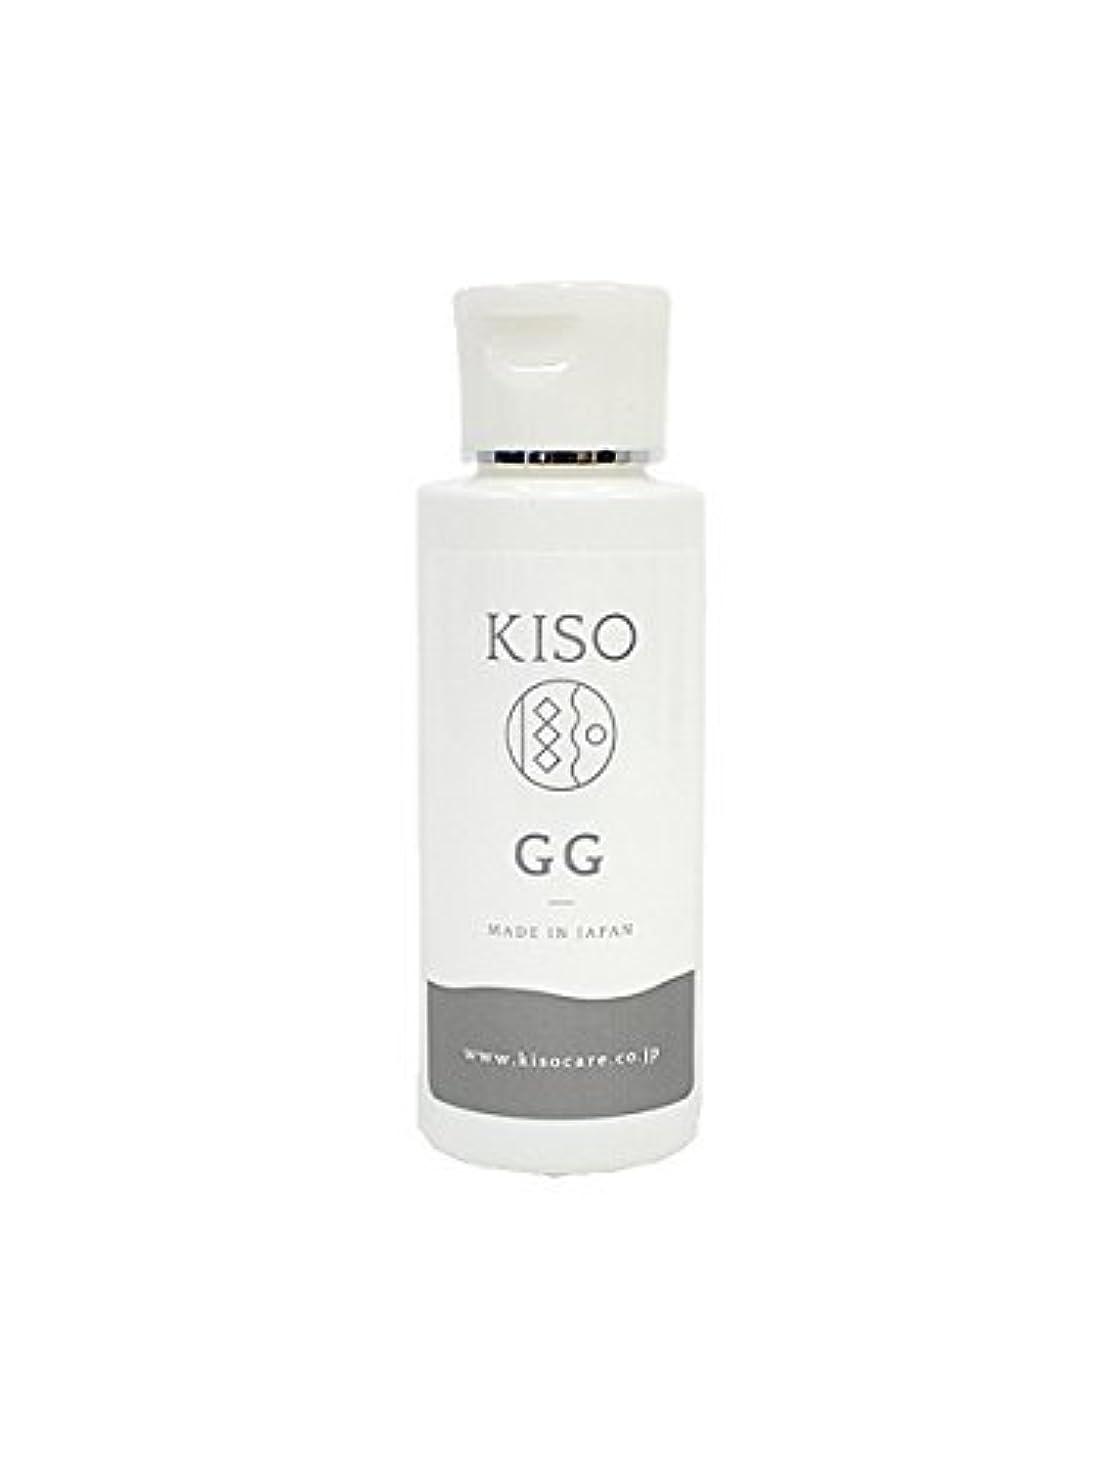 構成ヒョウディレクターKISO グリシルグリシン5% 高配合美容水 【GGエッセンス 50mL】 肌のキメを整える?肌をひきしめる